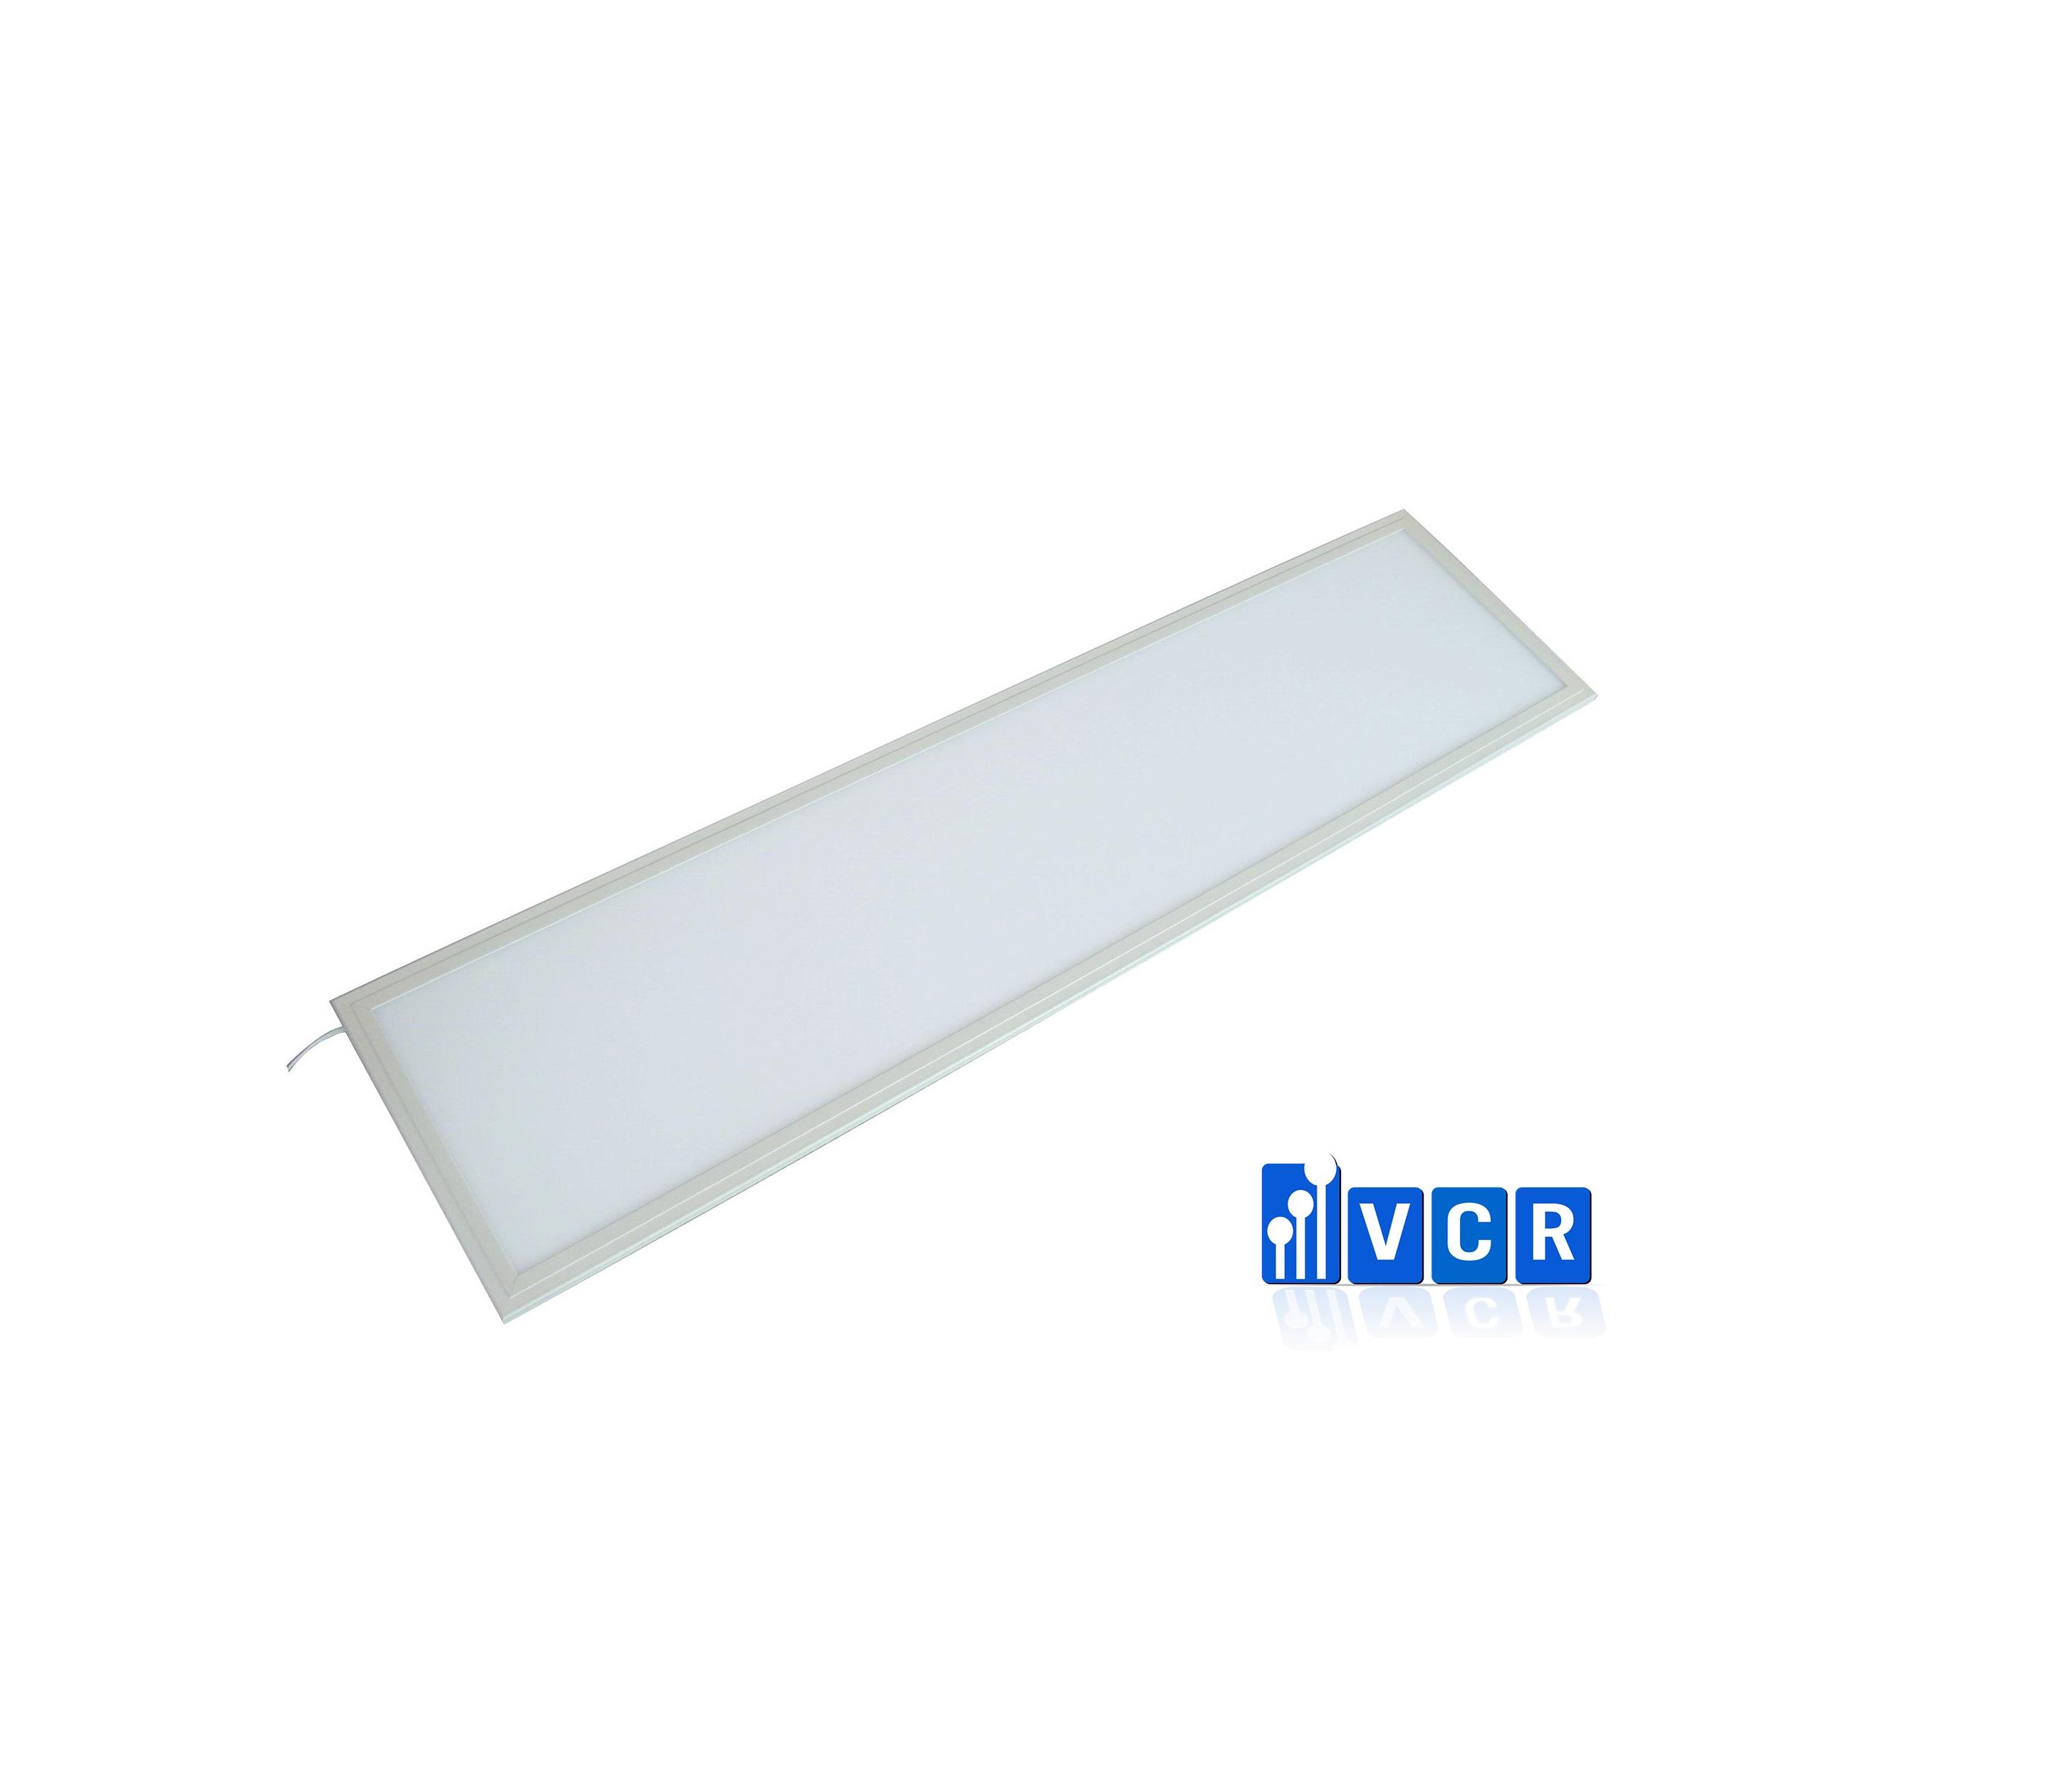 Đèn led panel phòng sạch có gì khác đèn led panel thông thường?